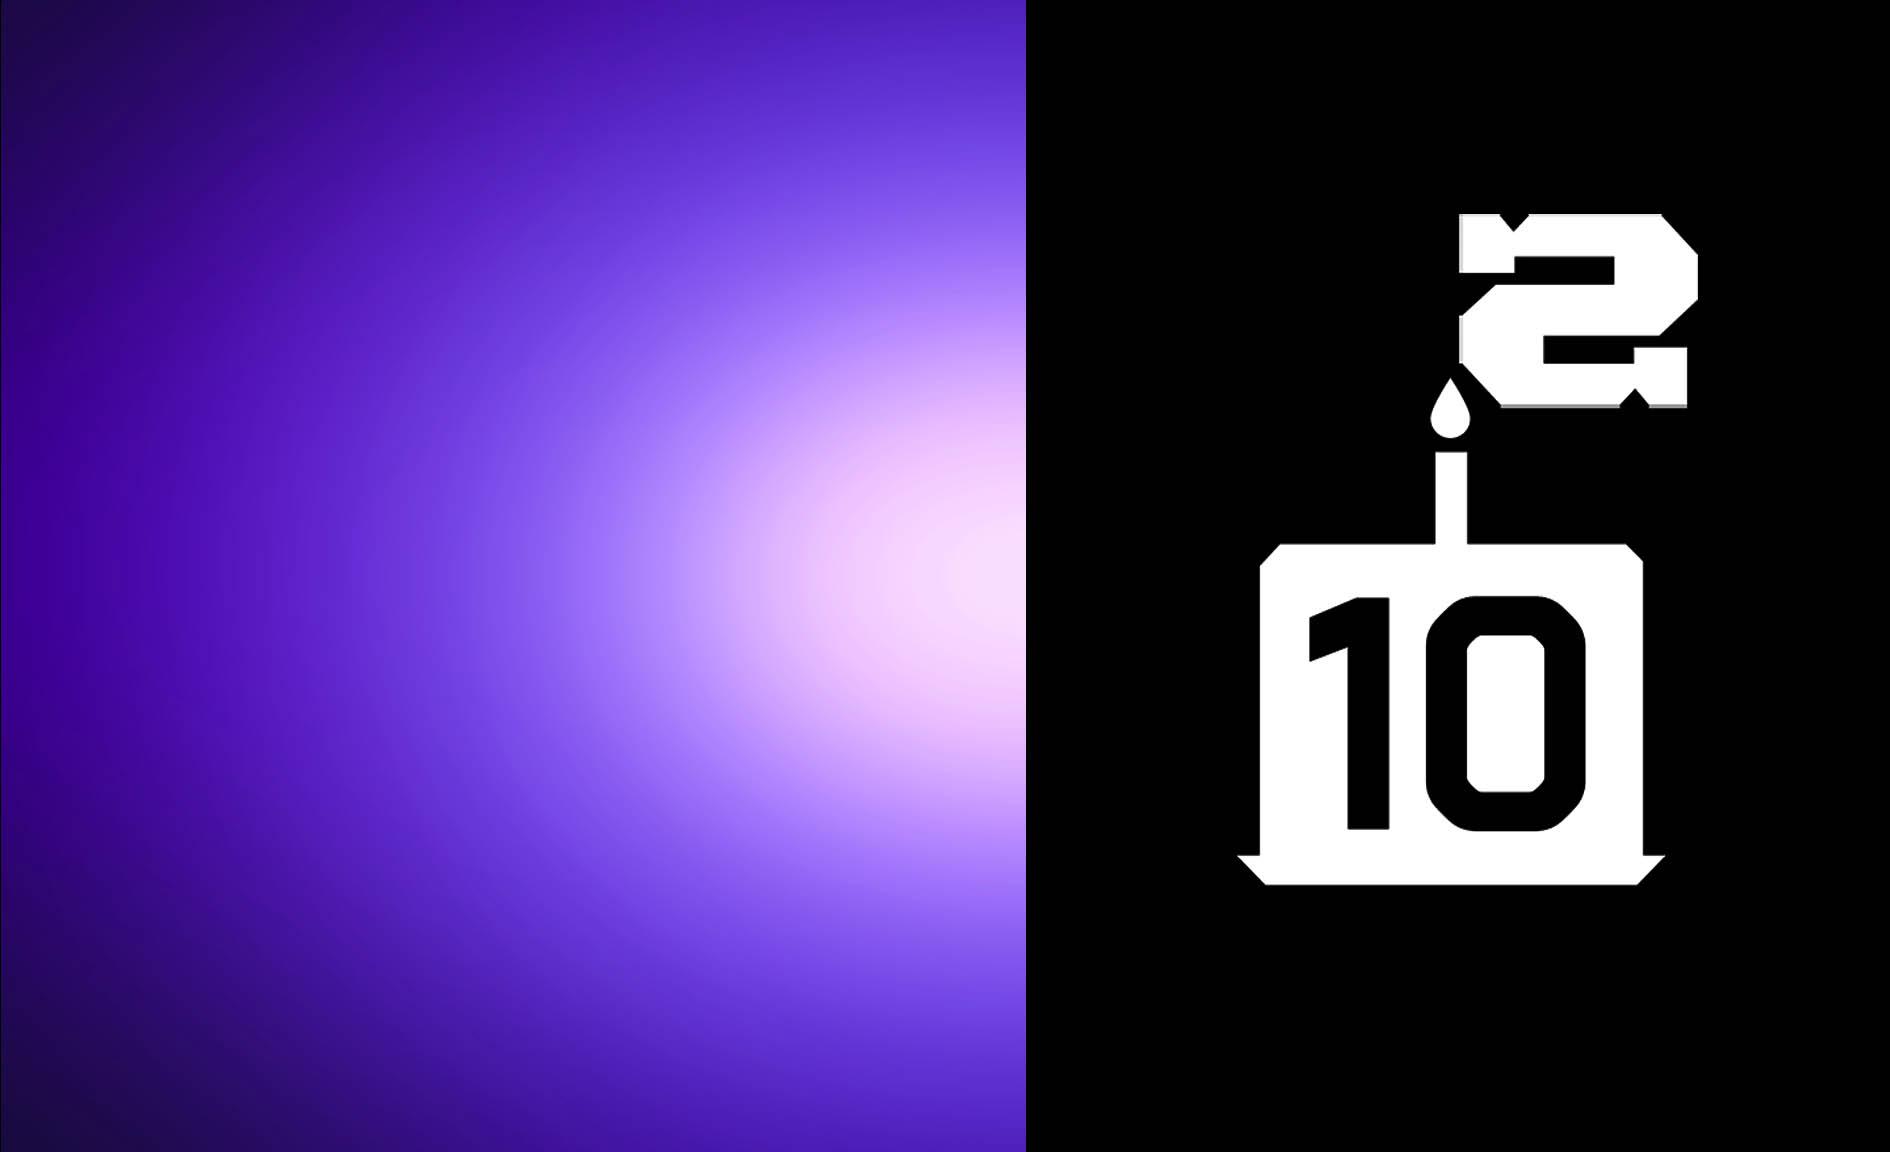 Фон в честь 10 лет Supercell